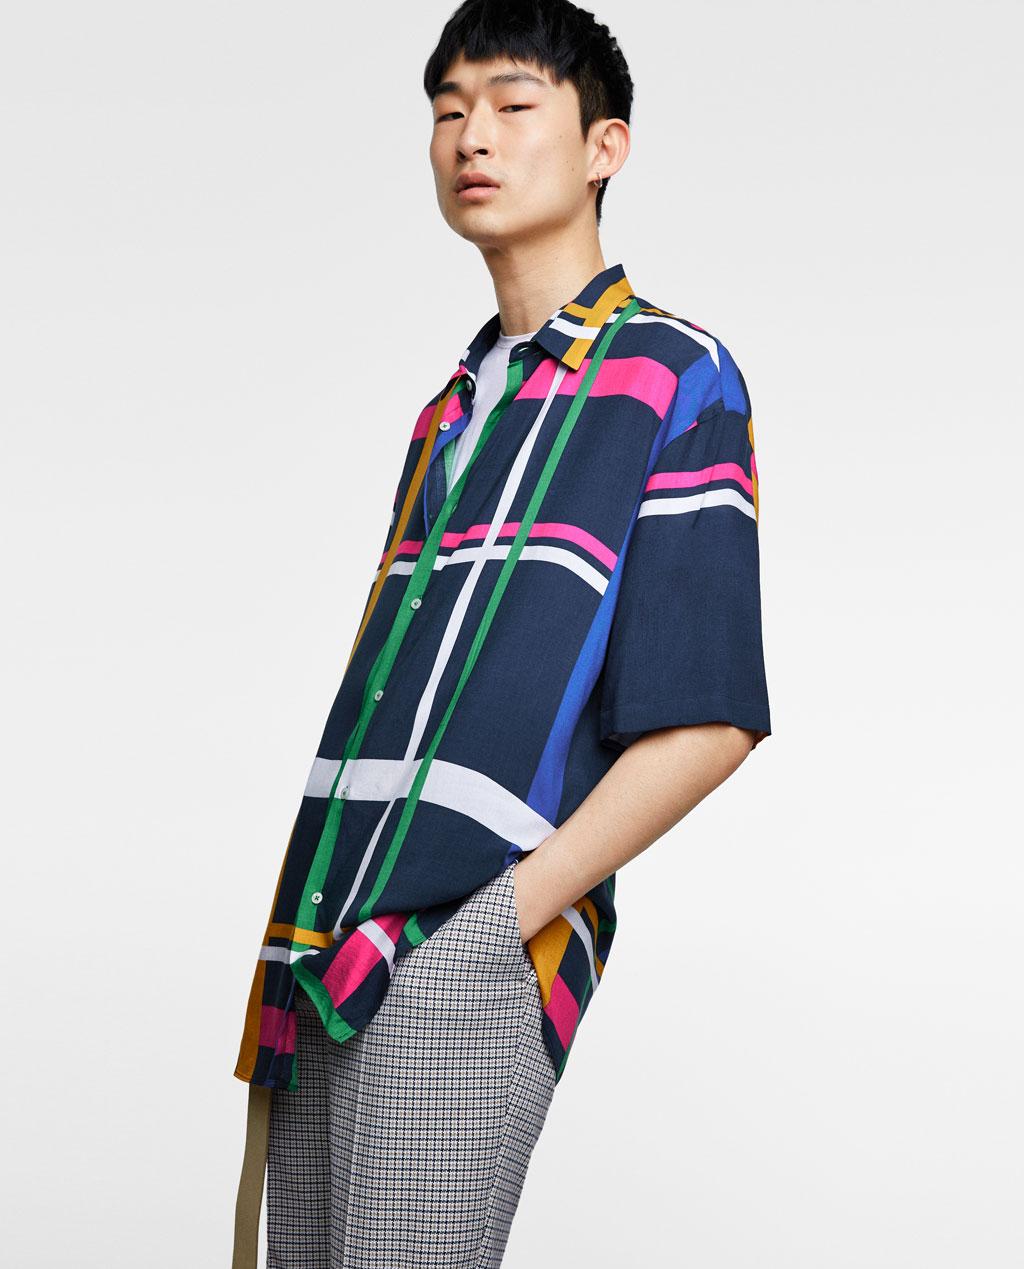 Thời trang nam Zara  23923 - ảnh 7